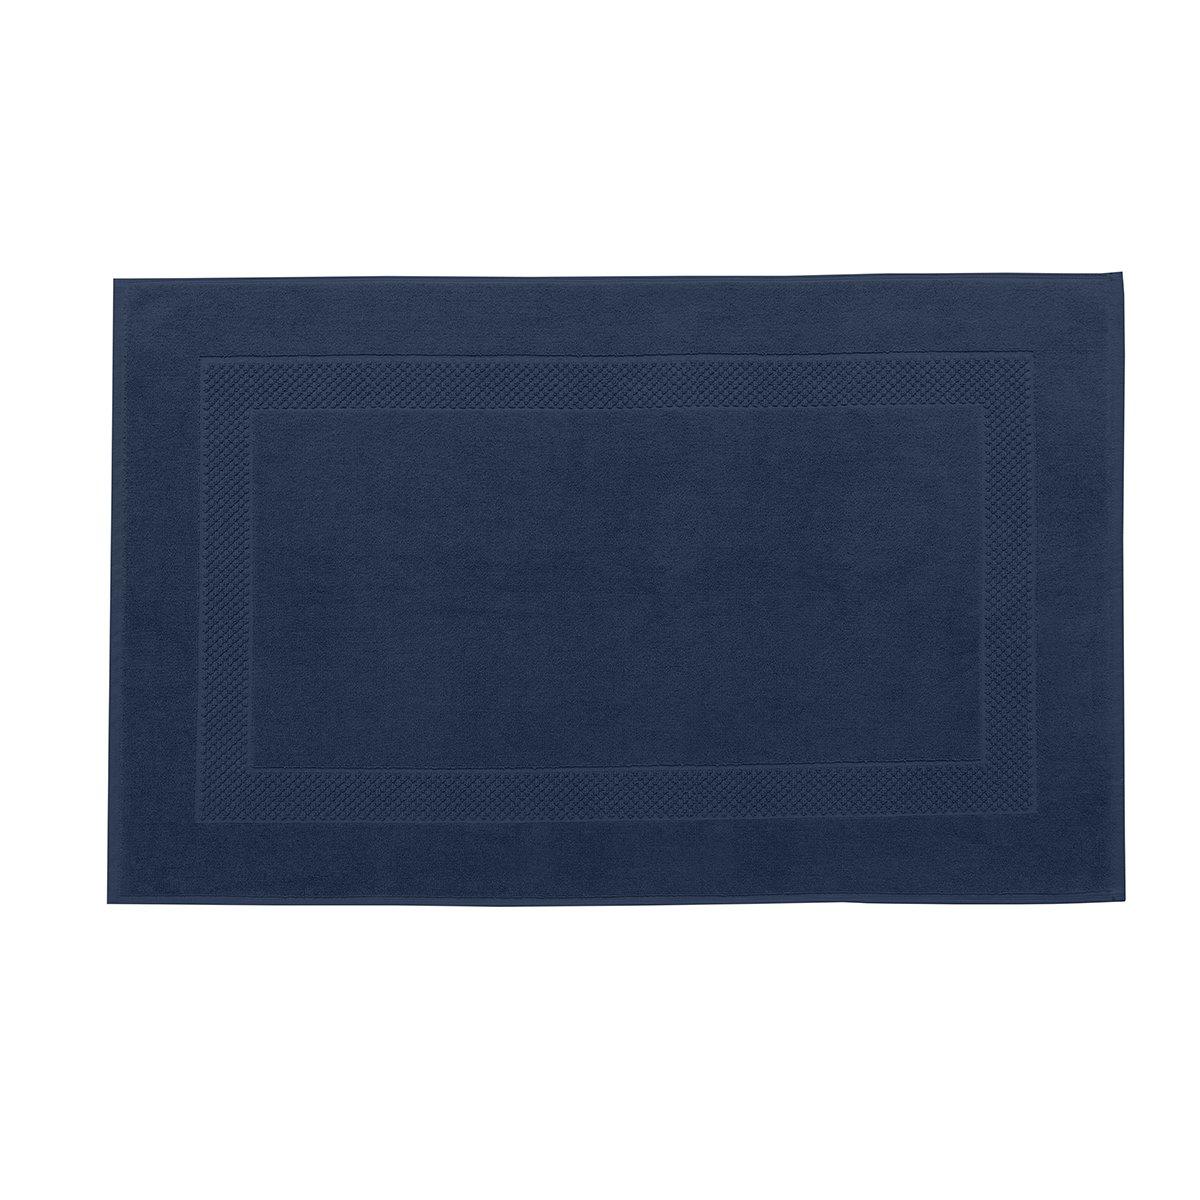 Tapis de bain coton 60x80 cm bleuet